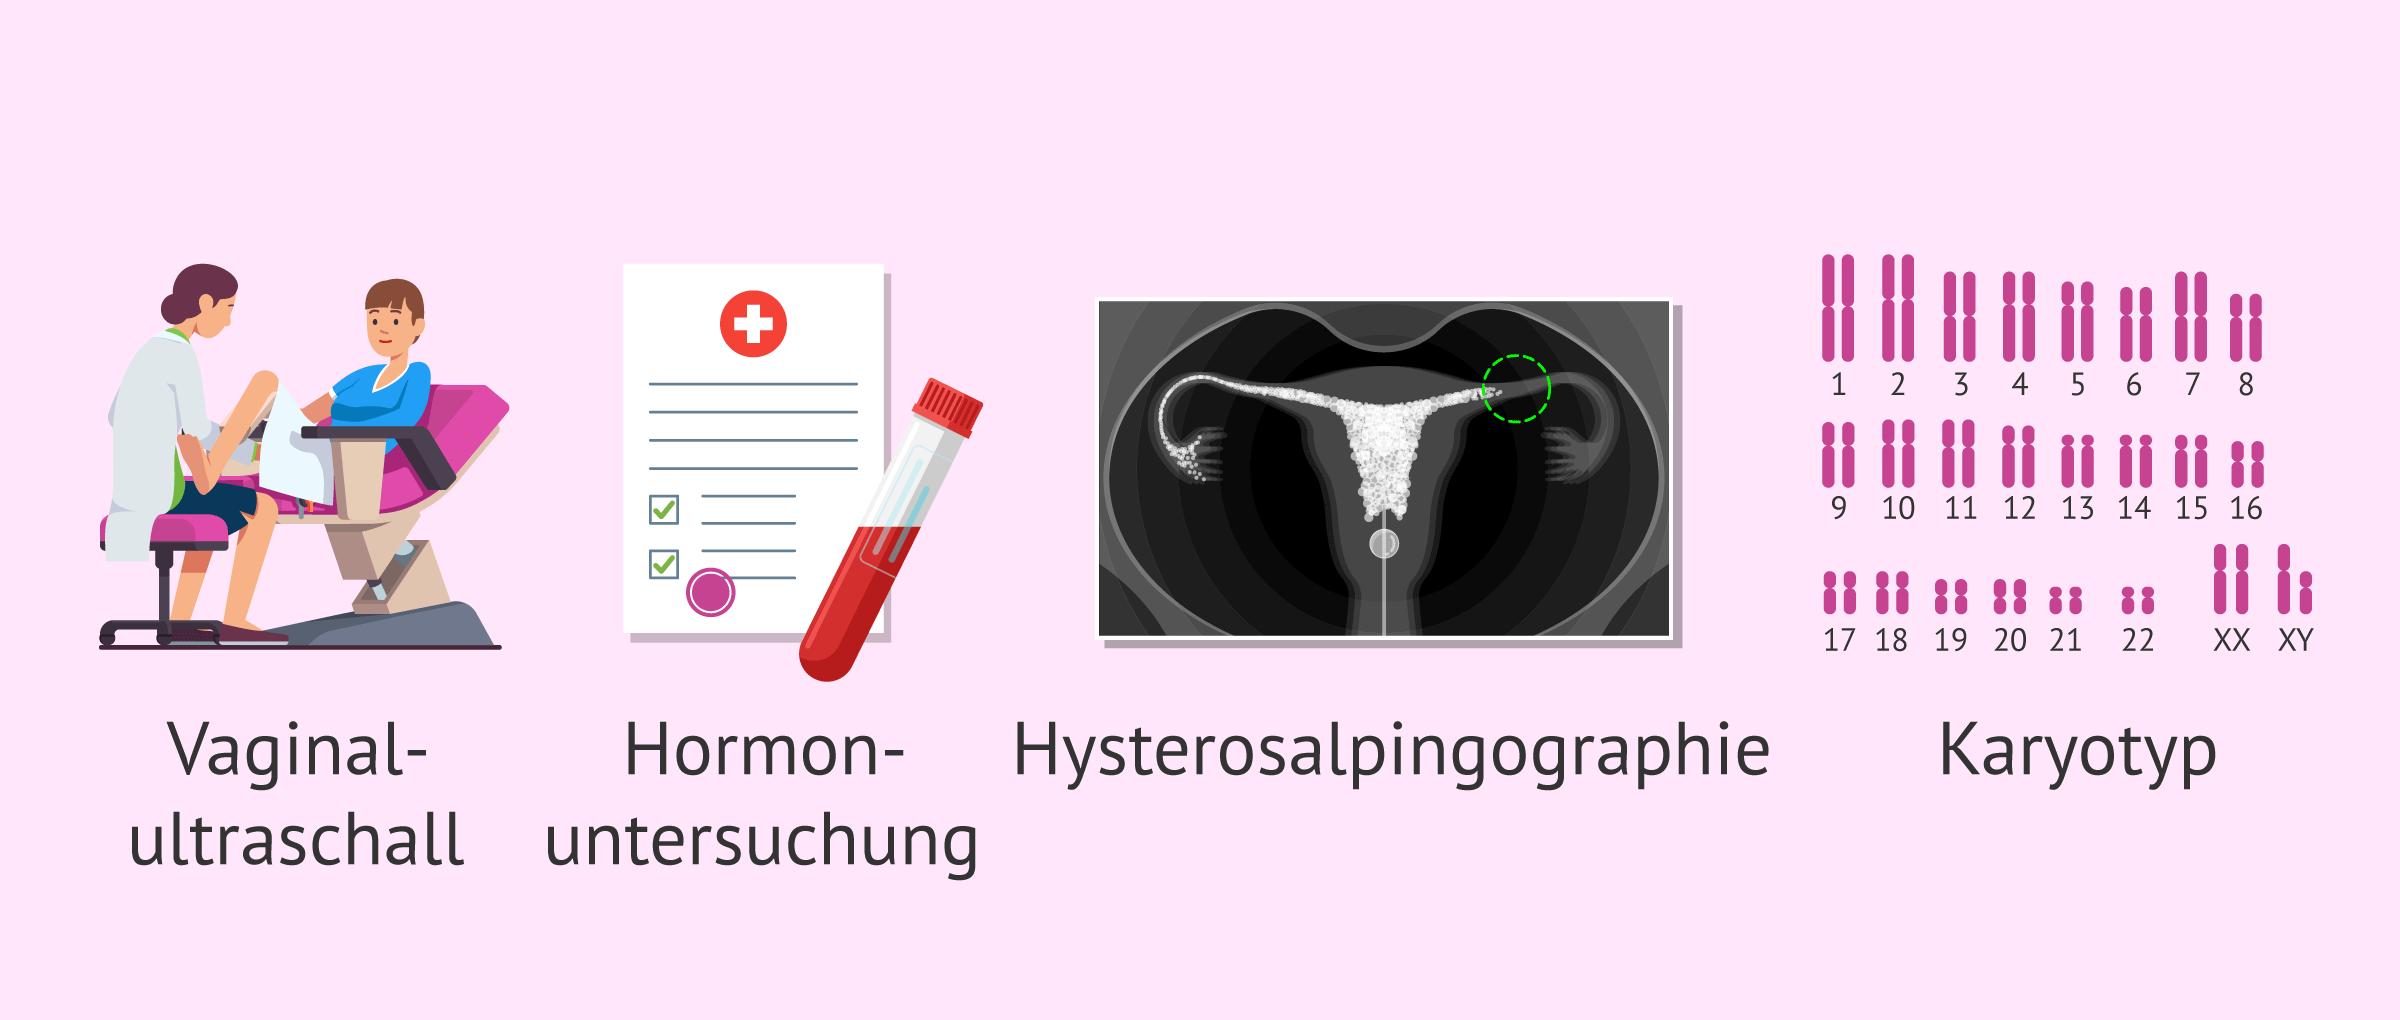 Mit welchen Untersuchungen wird die Fruchtbarkeit der Frau getestet?